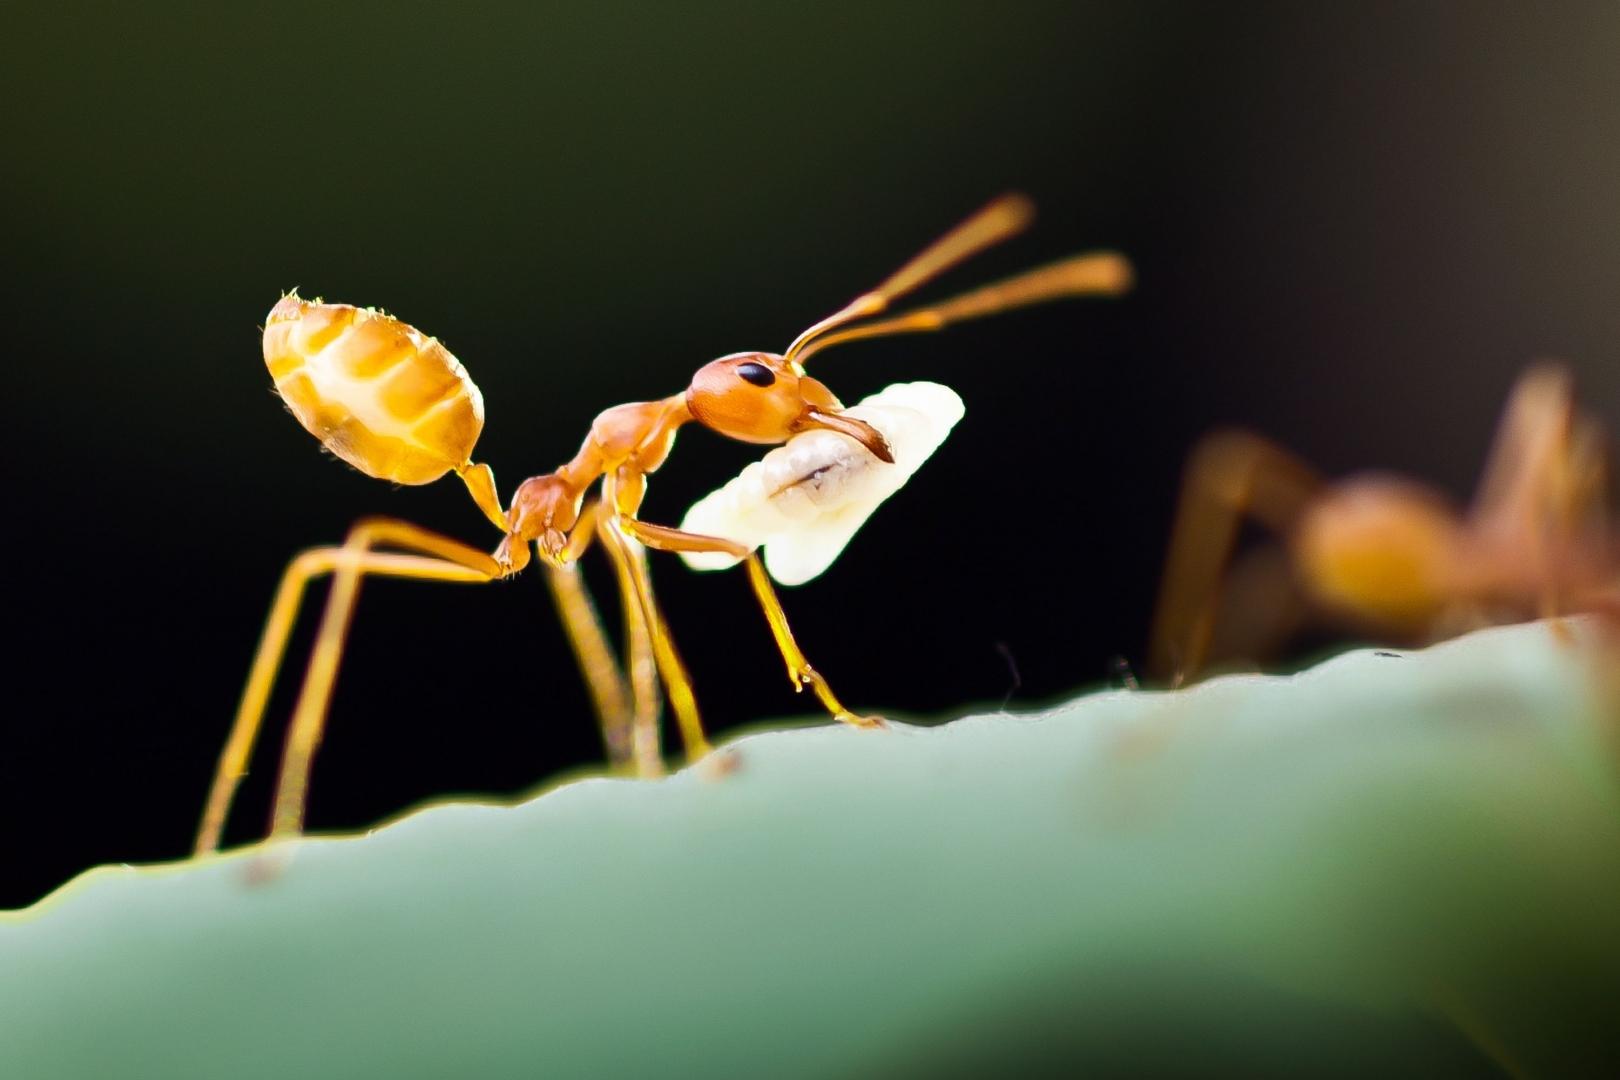 Jak Wytępić Mrówki Sposoby Na Te I Inne Uciążliwe Owady